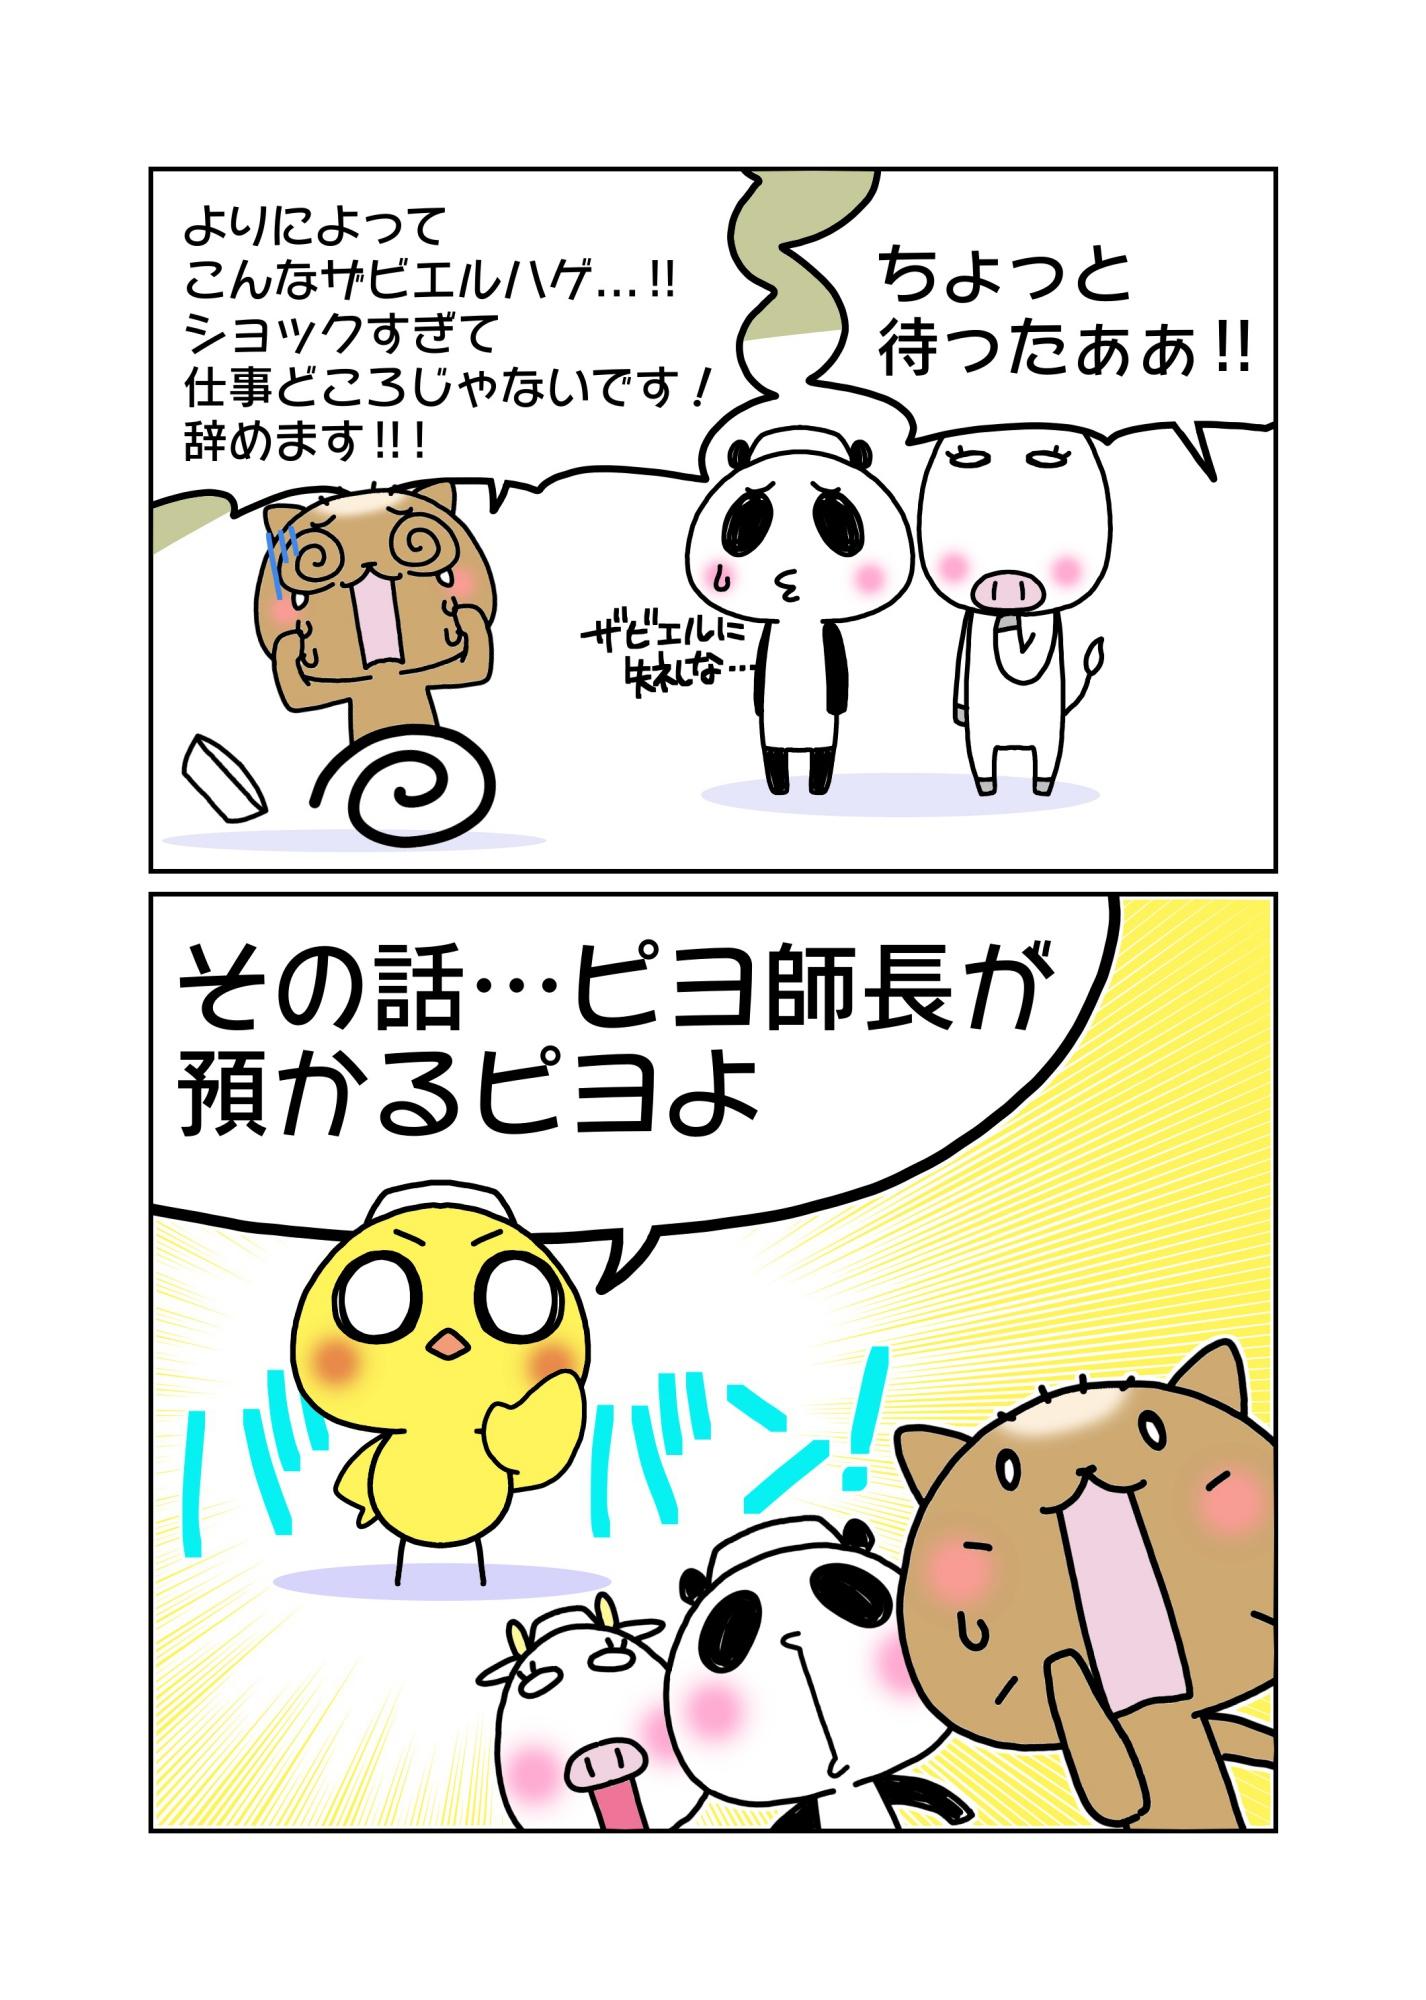 「看護師1年目だけど辞めたい!!」マンガ2ページ